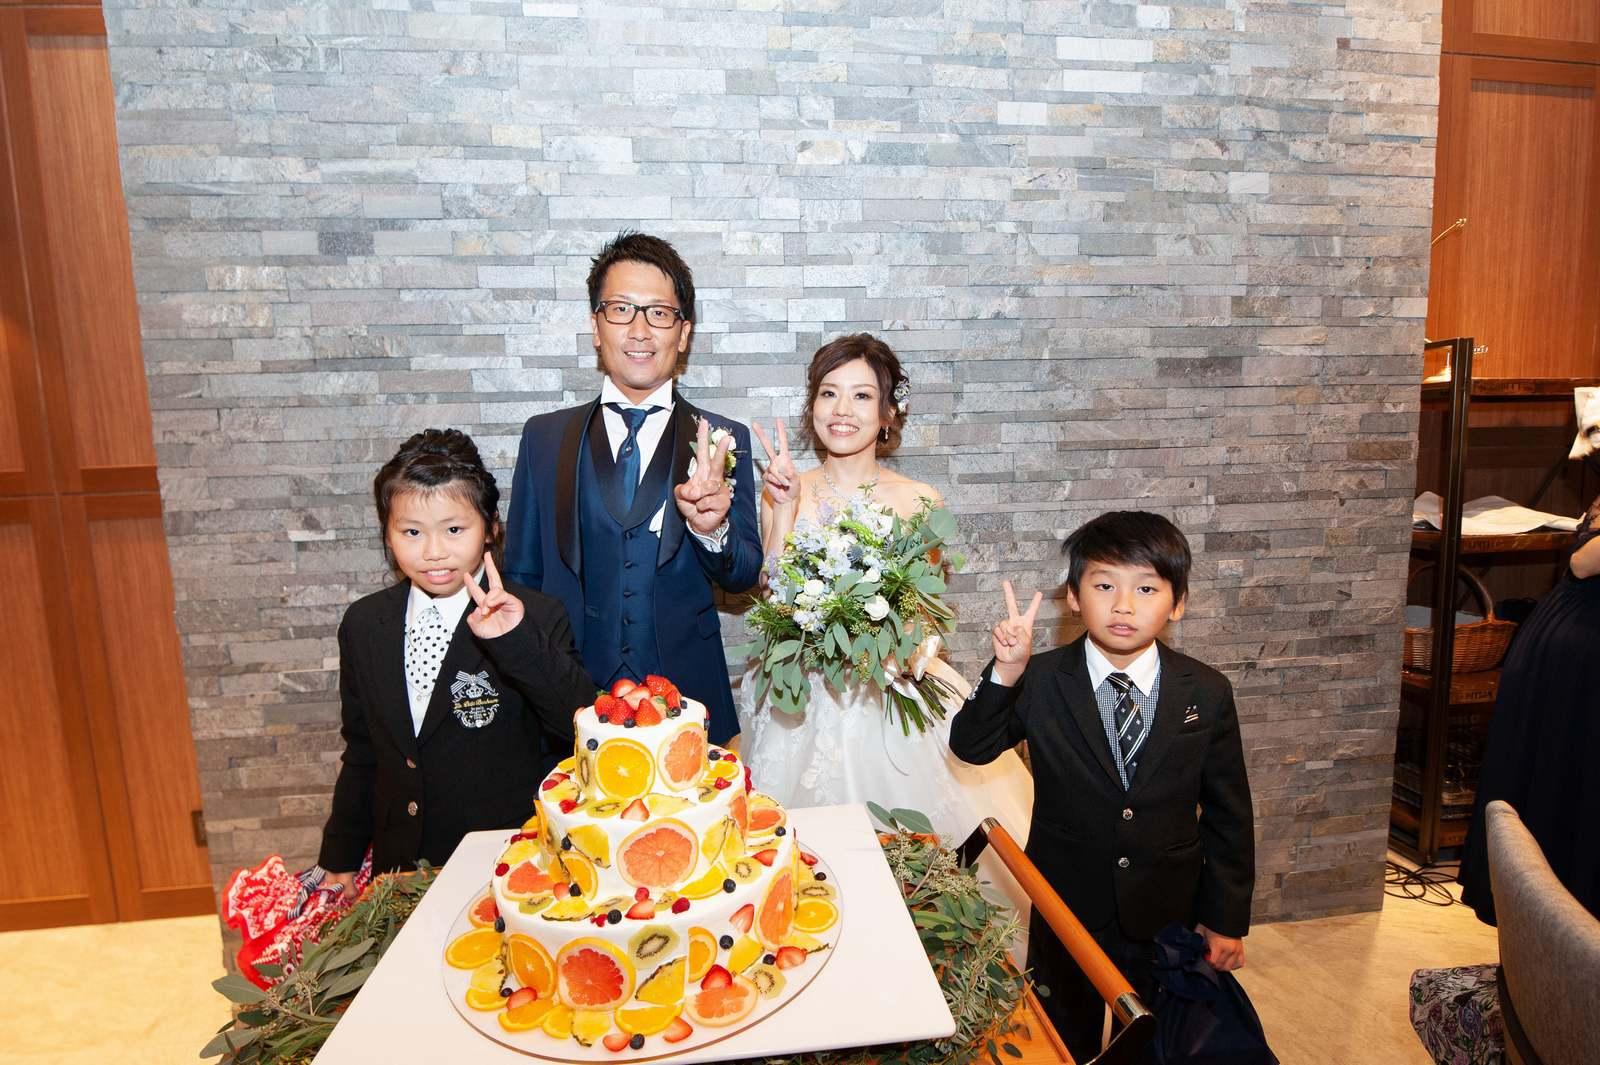 香川県高松市の結婚式場アナザースタイルのお子様ゲストと新郎新婦の記念撮影